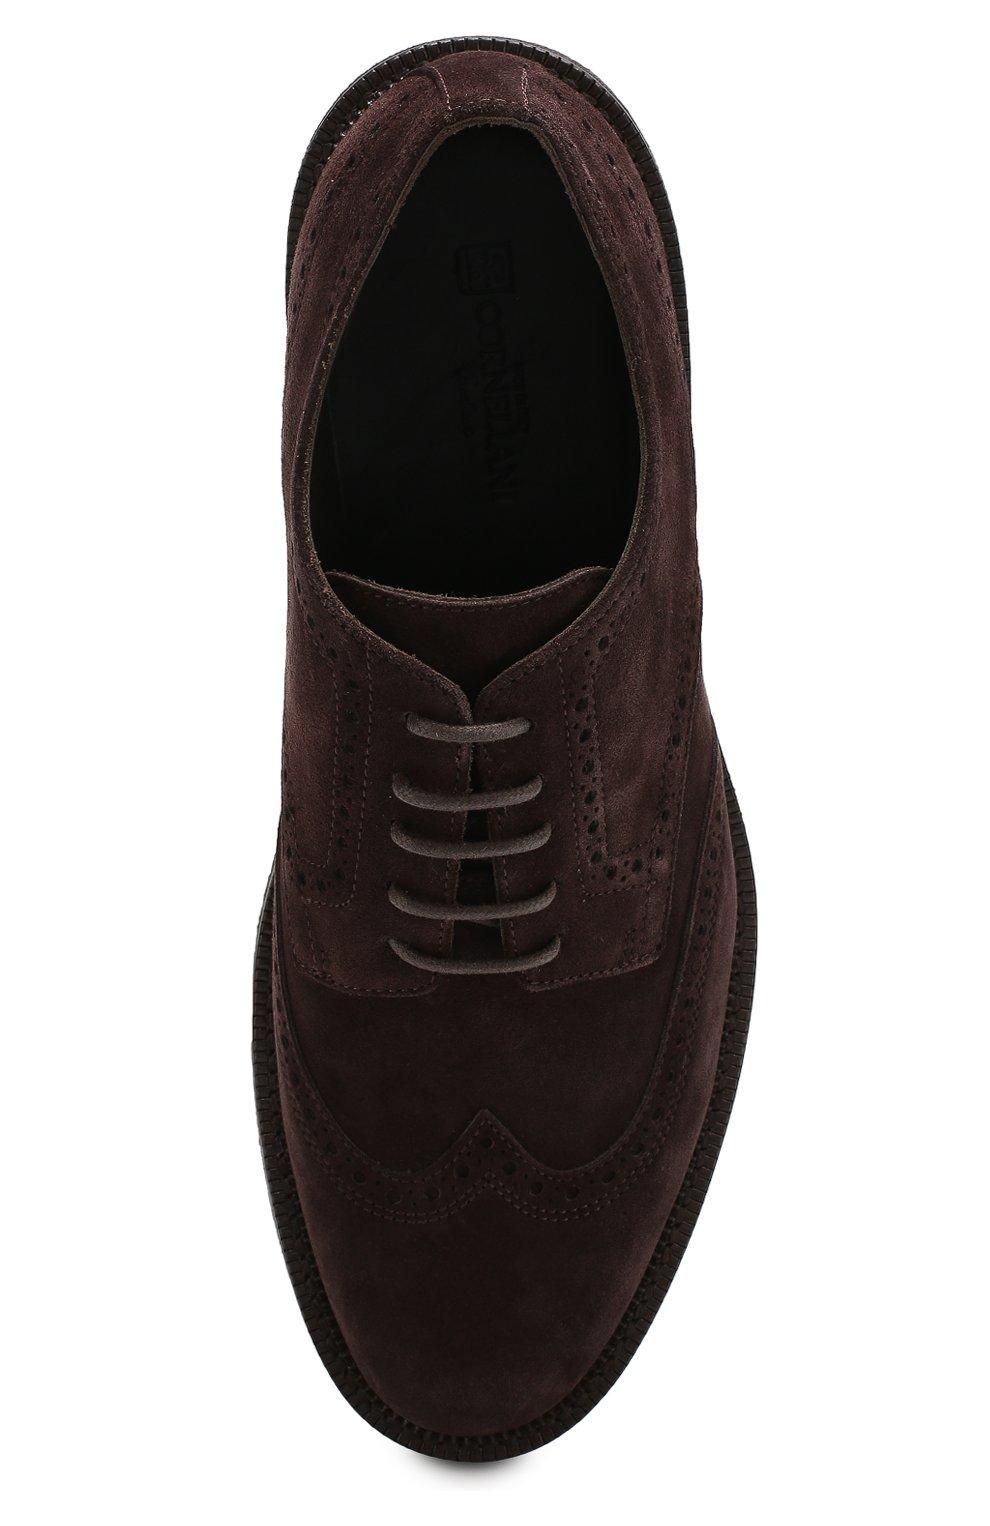 0c82bc99889b Мужская обувь Corneliani по цене от 12 850 руб. купить в интернет-магазине  ЦУМ